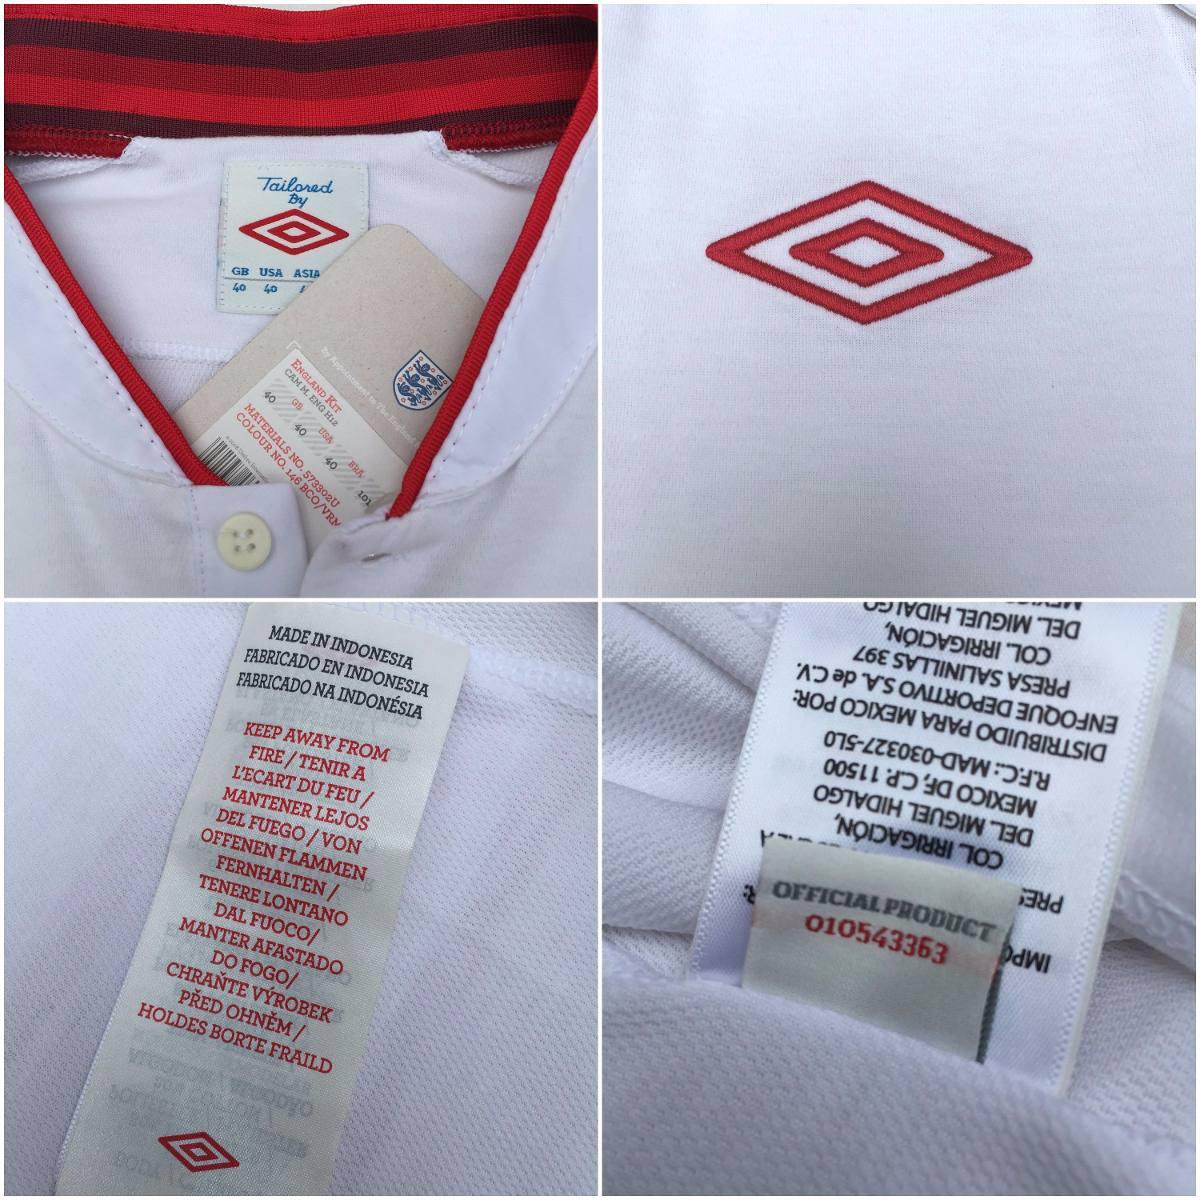 camisa umbro inglaterra home 12 13 m nova original fn1608. Carregando zoom. 8490f3b30d6b1